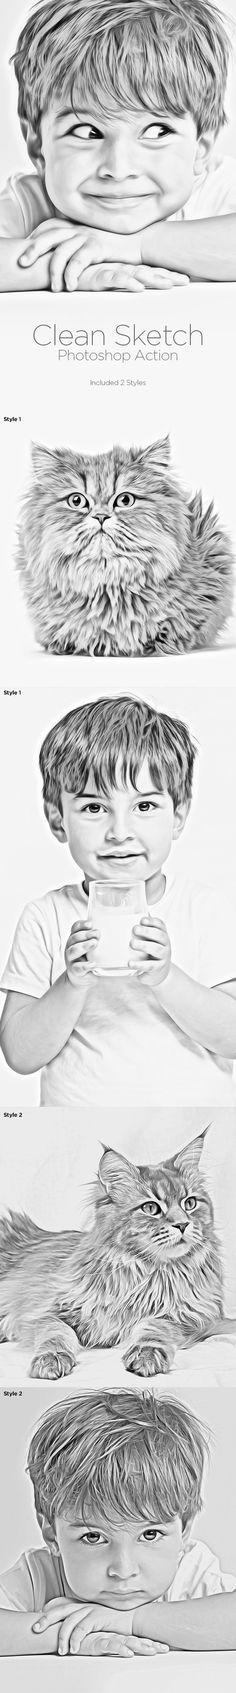 Clean Sketch Photoshop Action Download here: https://graphicriver.net/item/clean-sketch-photoshop-action/9562199?ref=KlitVogli